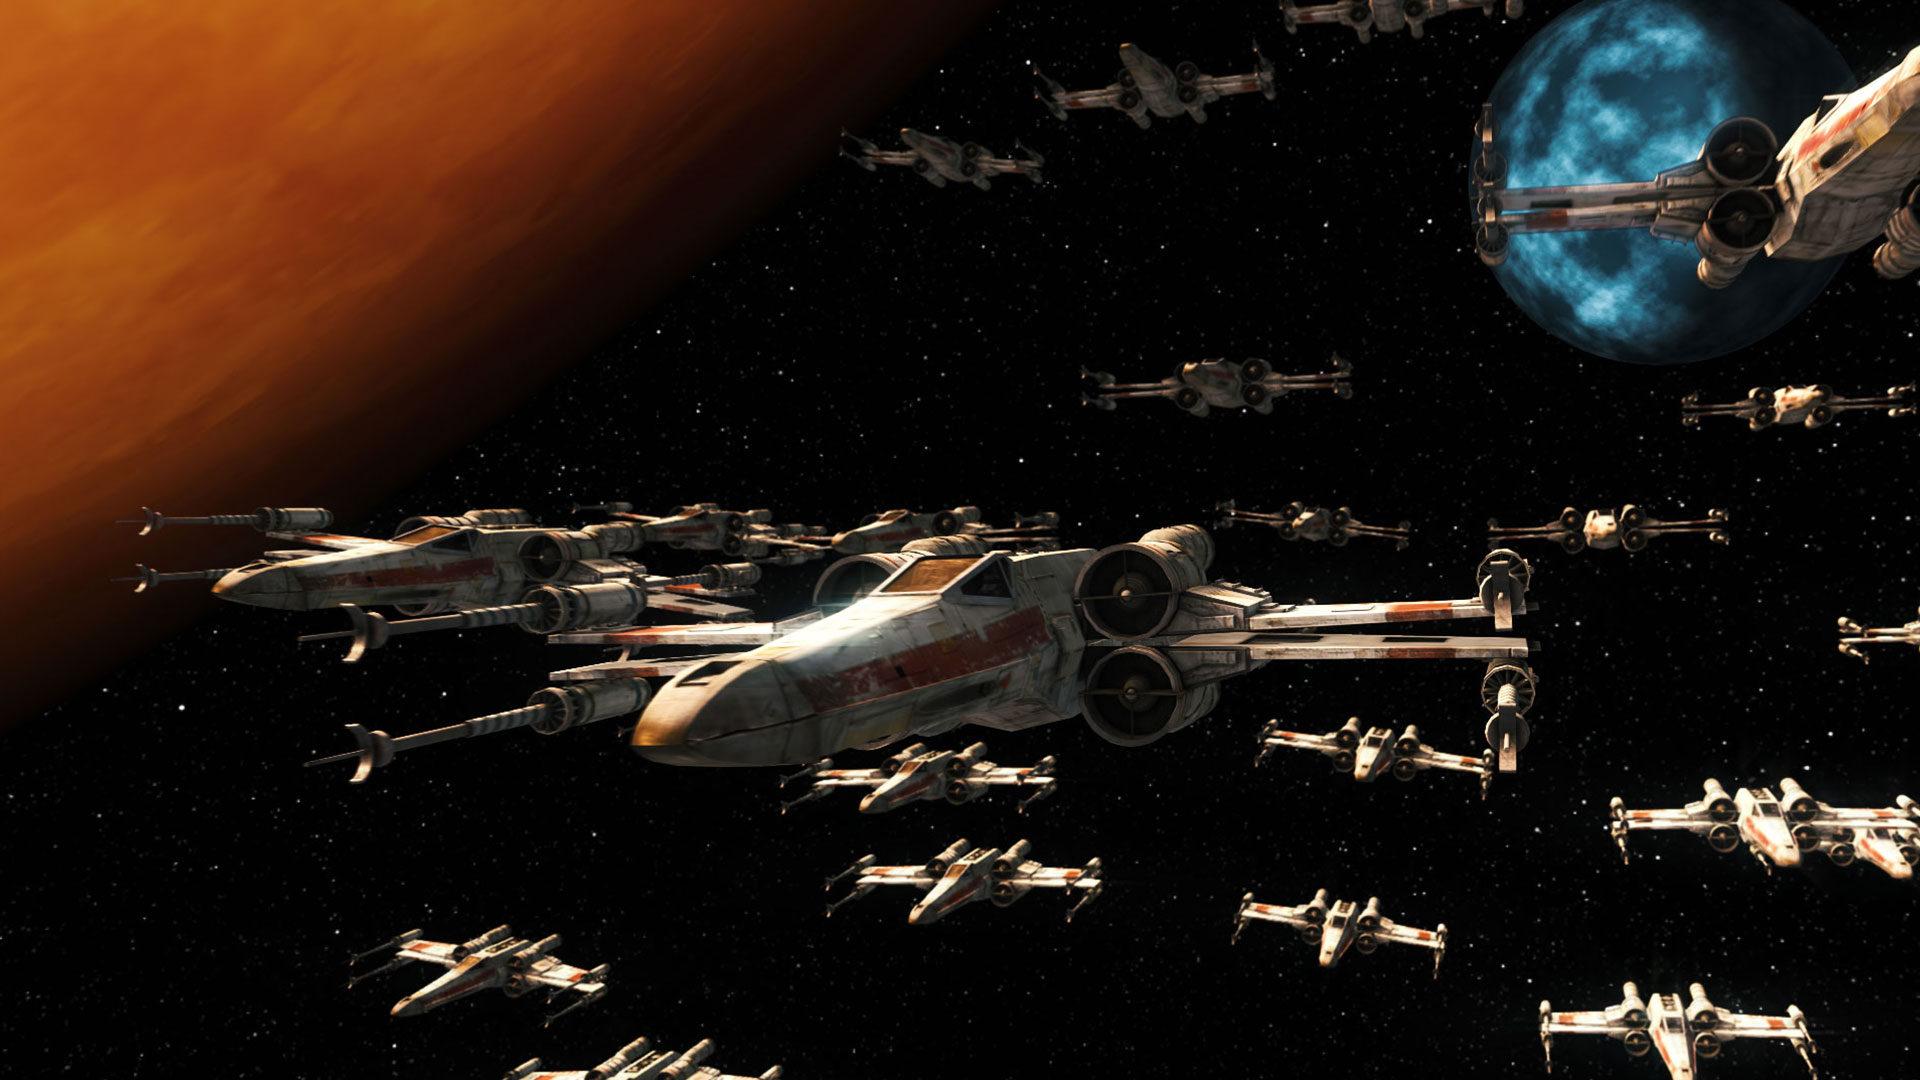 Starfleet render in space HitFilm 4 Pro